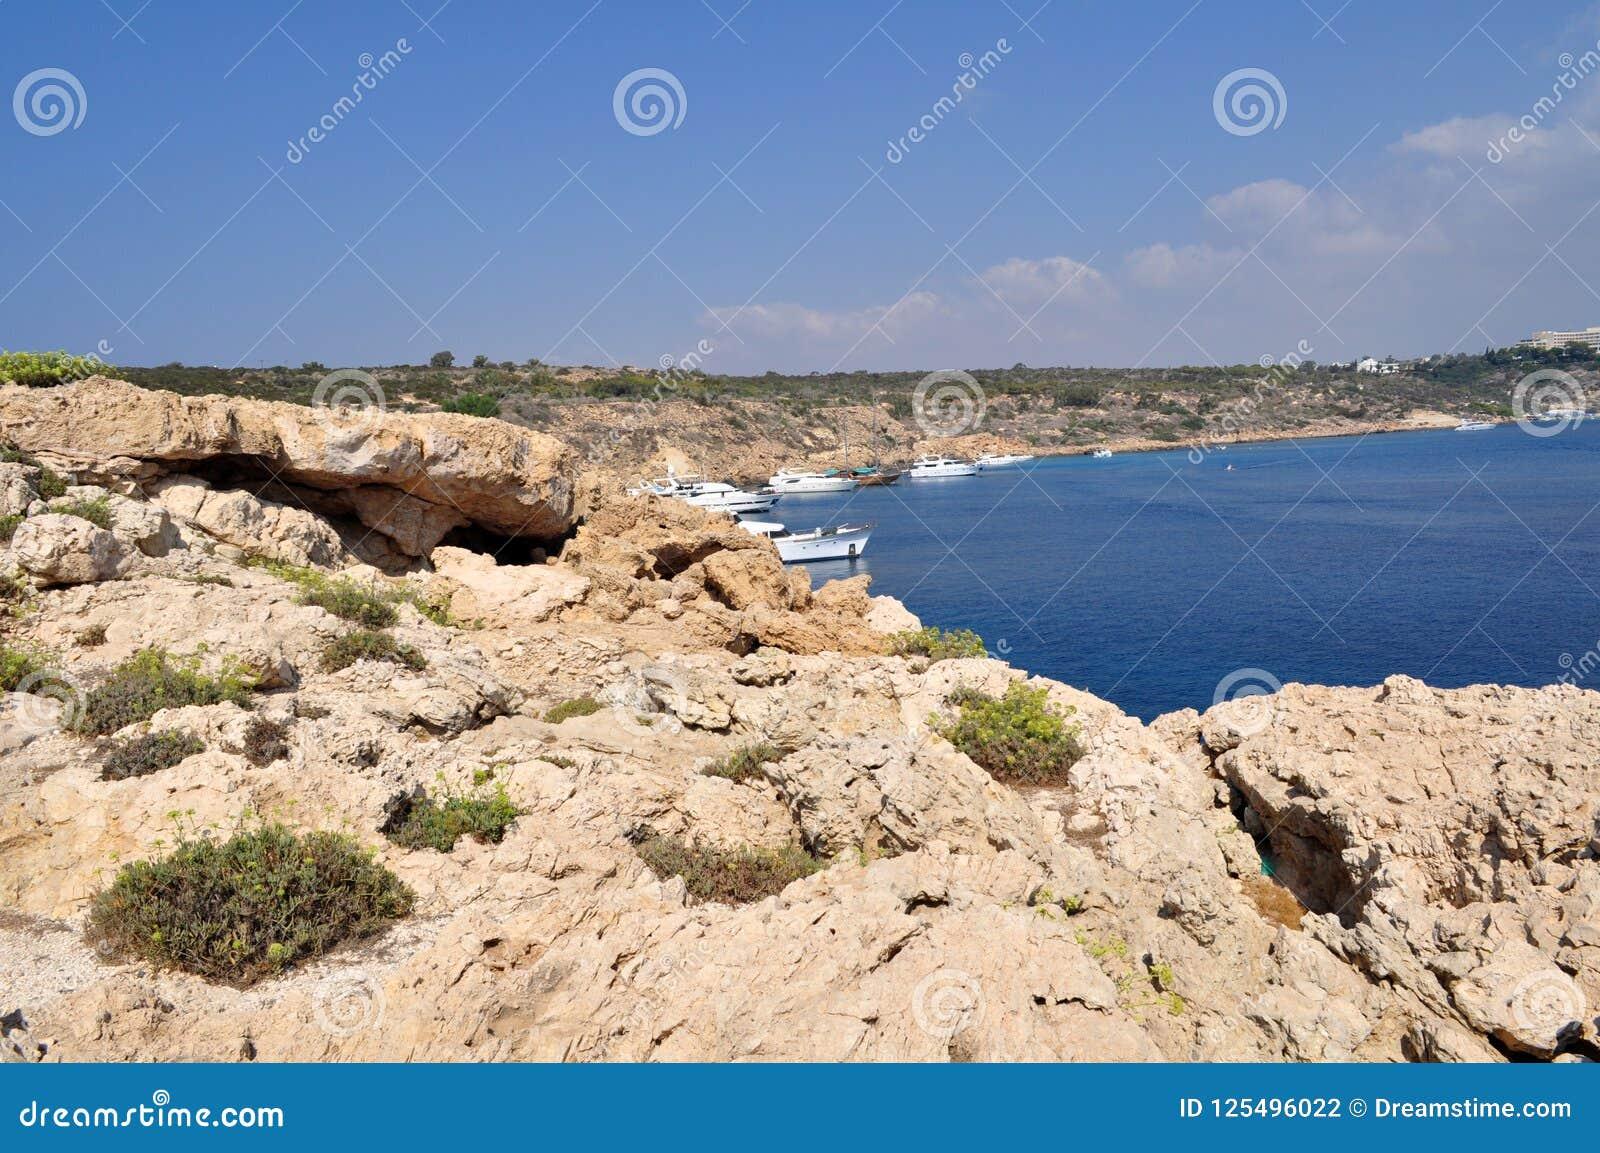 Trasparente Blu Mare Del Turchese Contro Lo Sfondo Delle Montagne